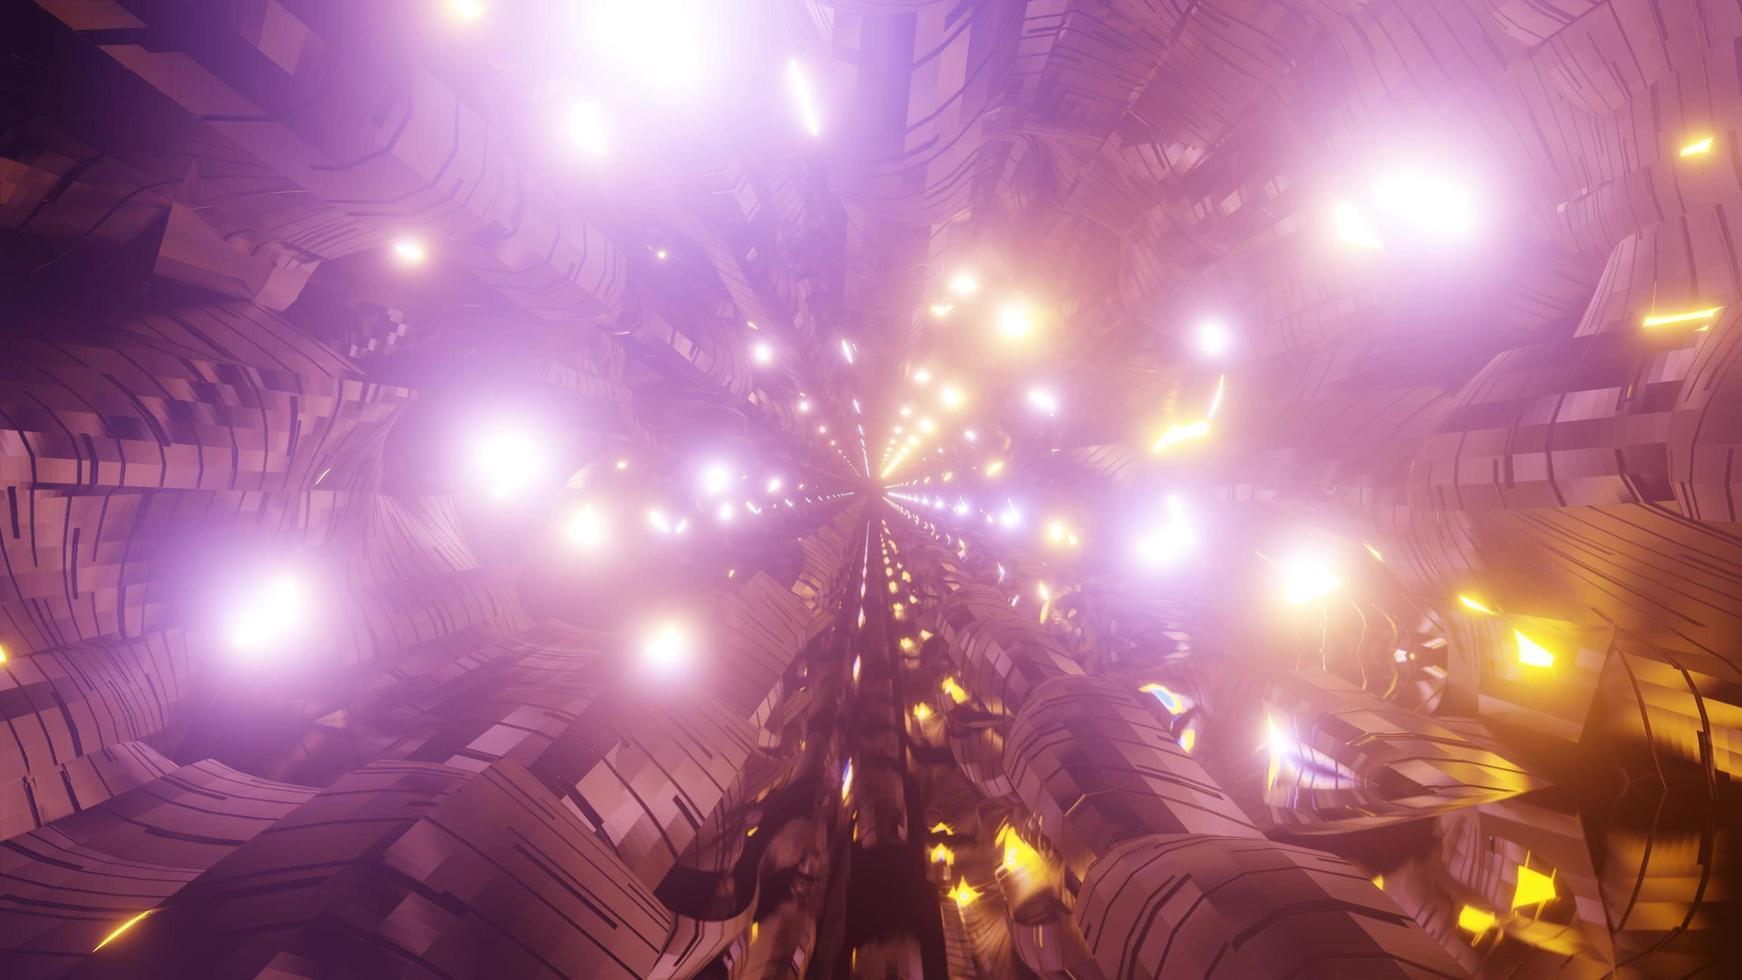 túnel de luces de neón brillante foto